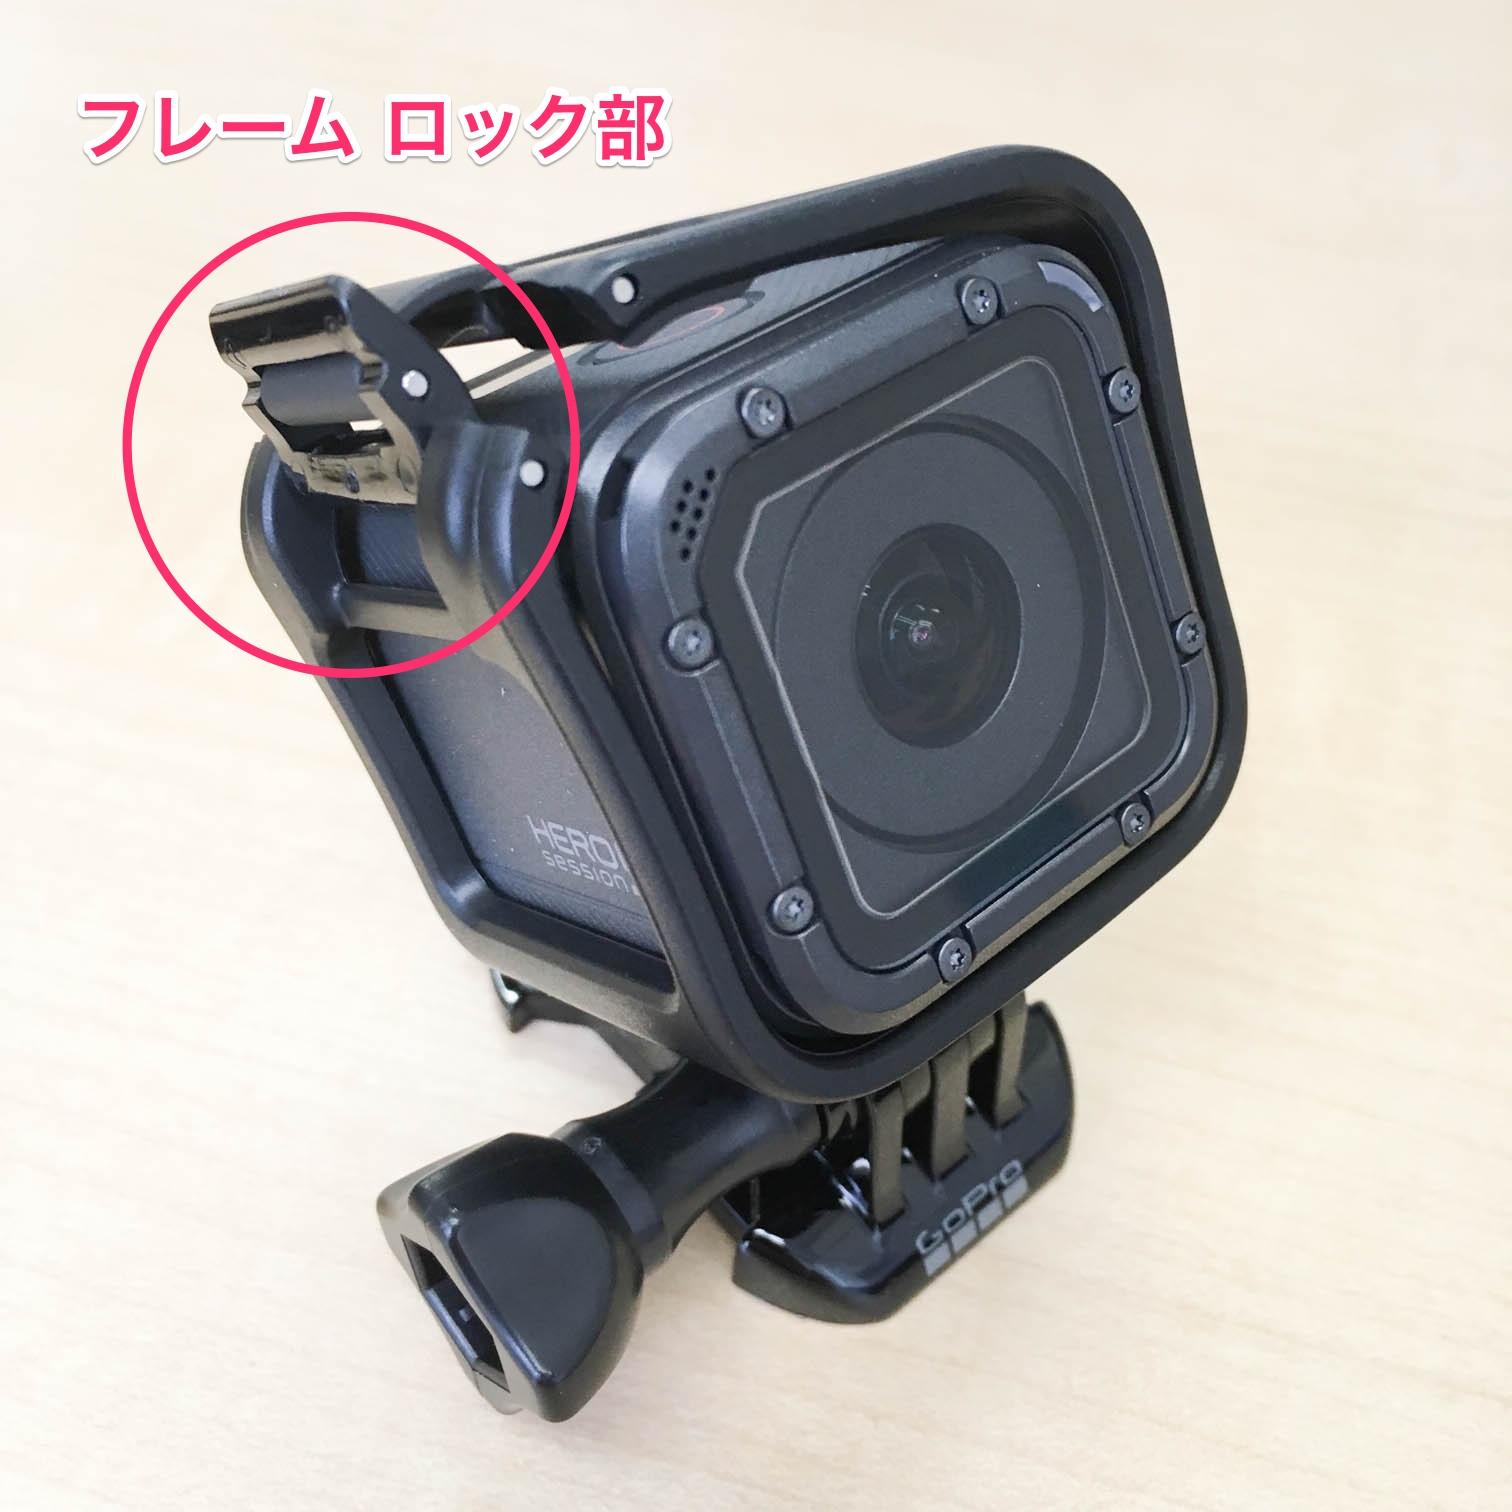 GoPro HERO5 Session フレームロック部